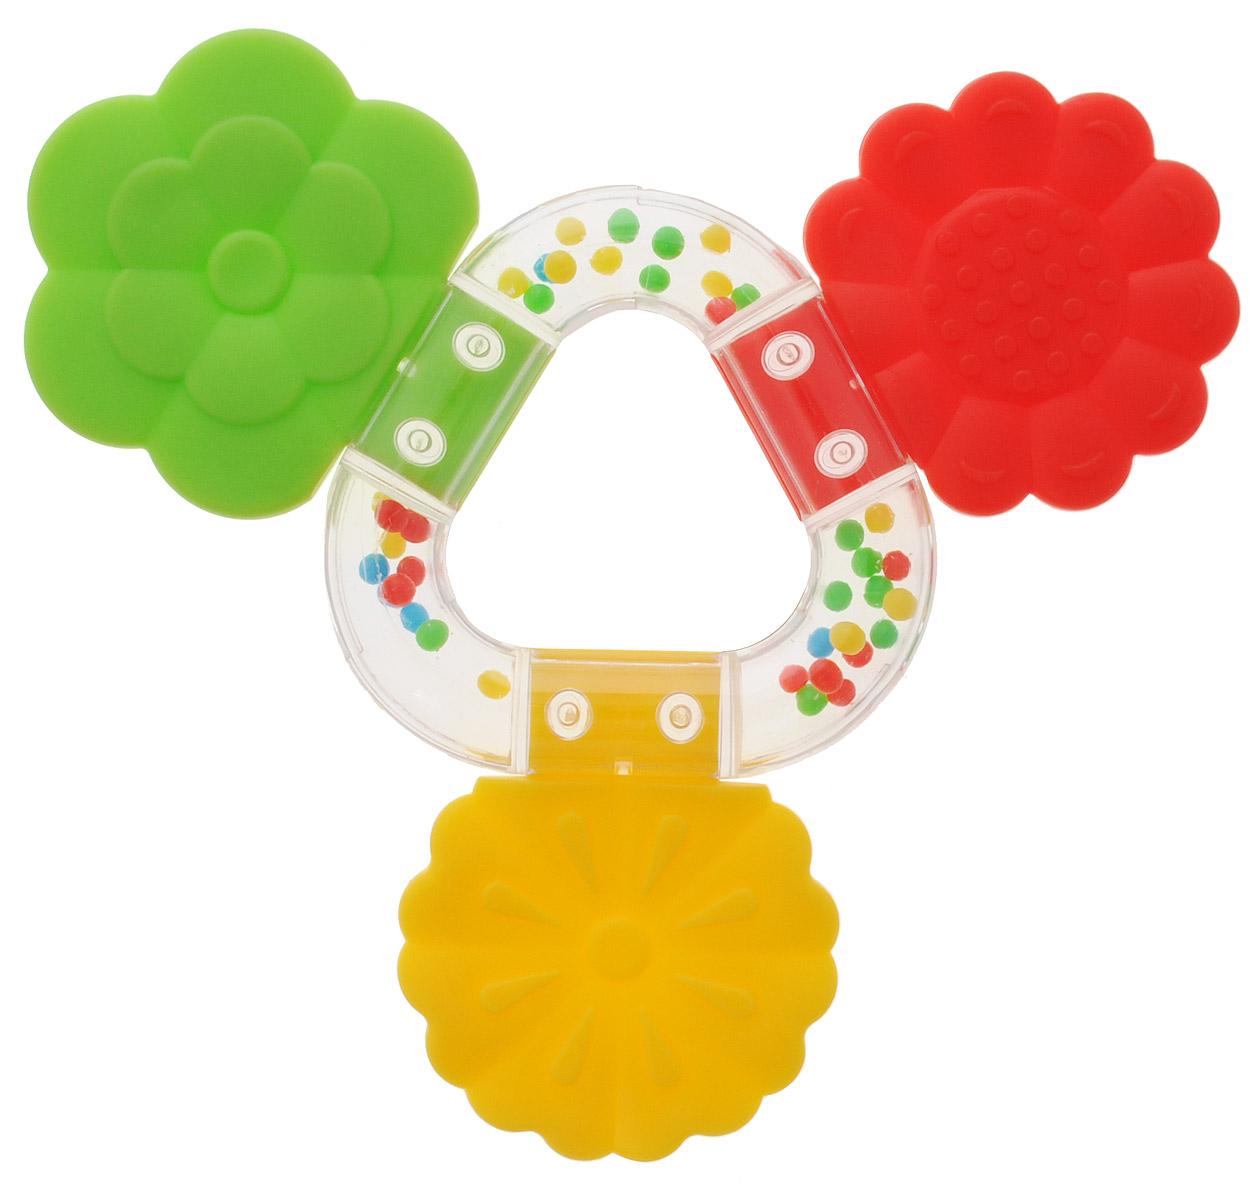 Stellar Погремушка-прорезыватель Букетик цвет желтый красный зеленый1563_желтый, красный, салатовыйПрорезыватель - одна из важных игрушек на этапе младенчества. Он помогает разрабатывать жевательные навыки и мимику. Погремушка-прорезыватель Stellar Букетик - яркая и интересная игрушка, которая займет малютку на долгое время, а вам позволит отдохнуть. Центральная часть игрушки наполнена цветными шариками, которые весело шумят при встряхивании. Малыш с удовольствием будет исследовать новую форму, наслаждаясь красивыми цветами.